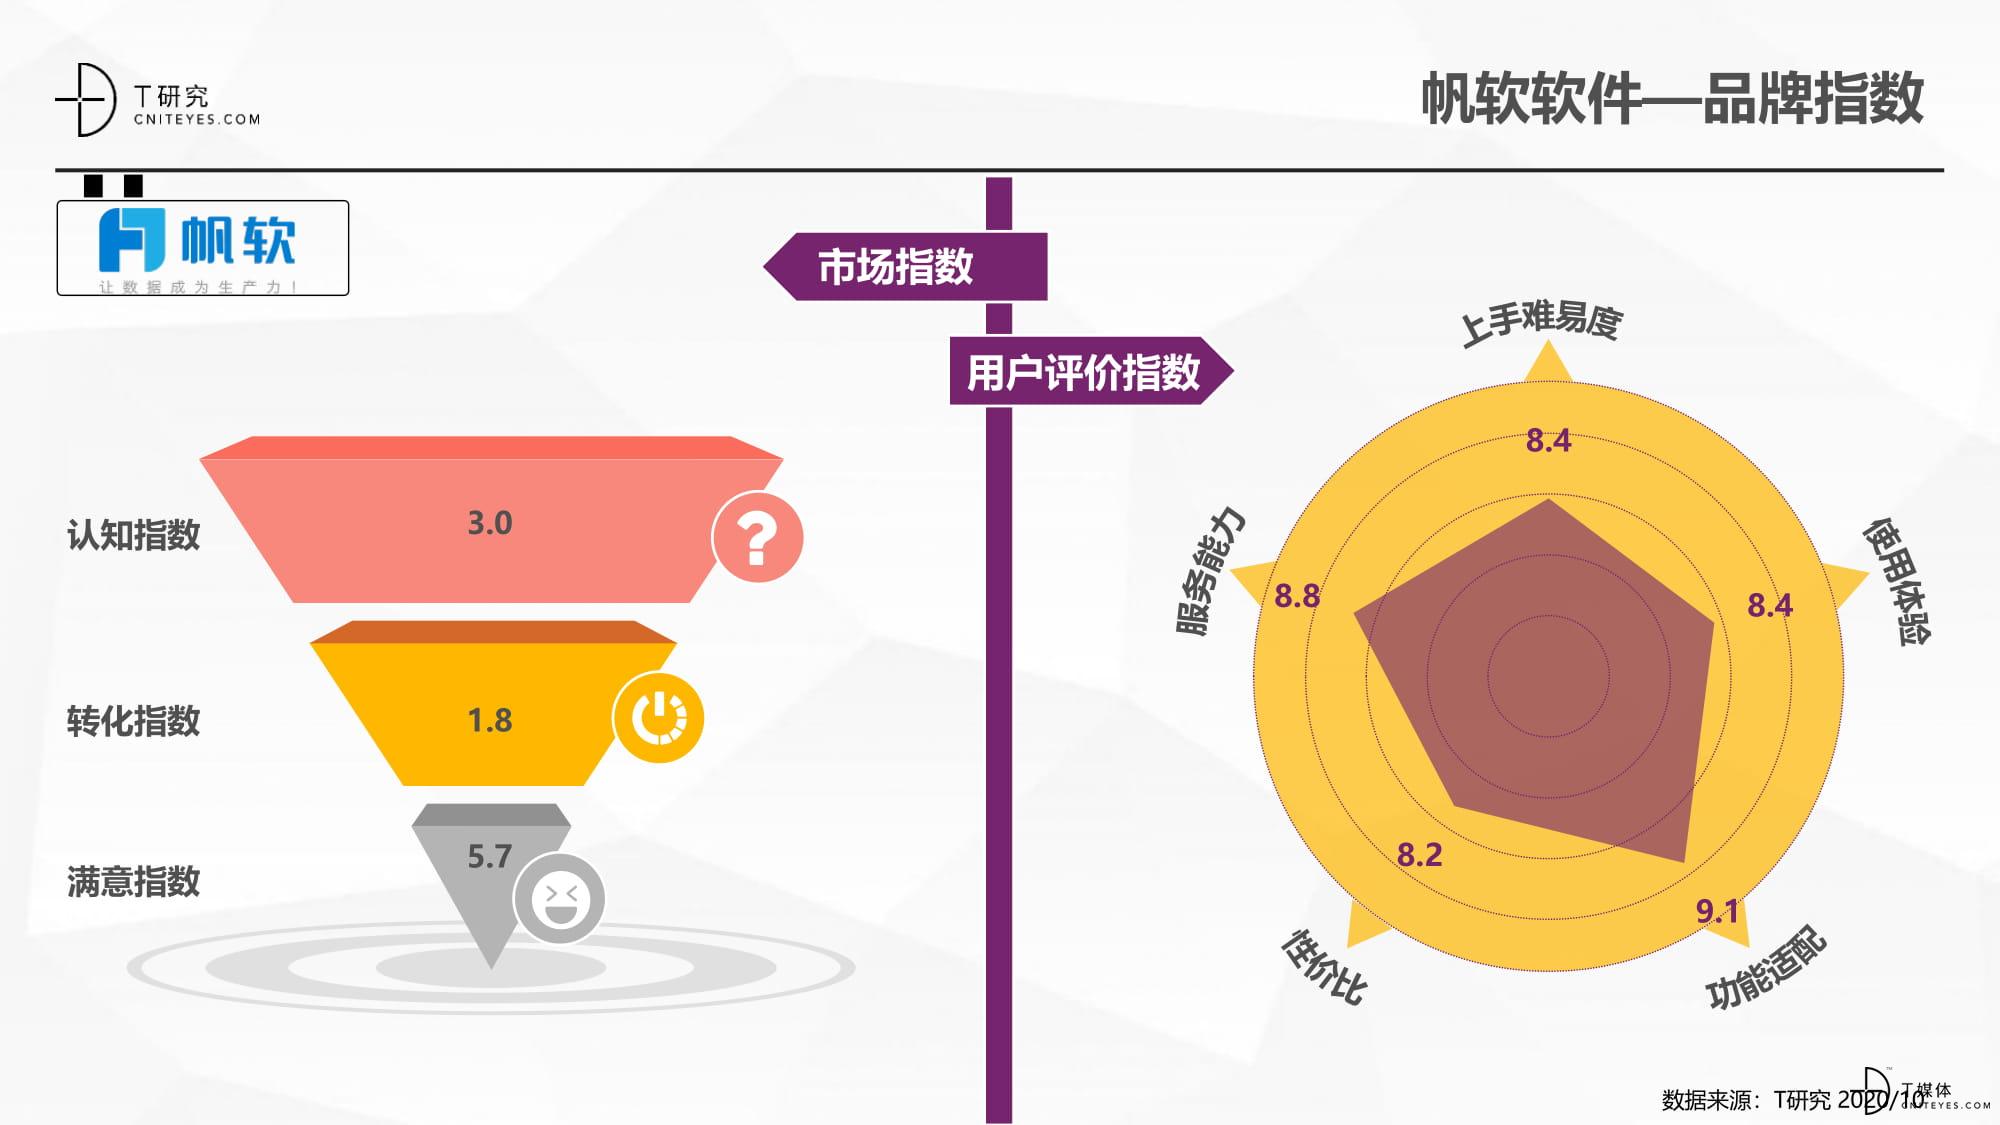 2020中国BI指数测评报告-21.jpg